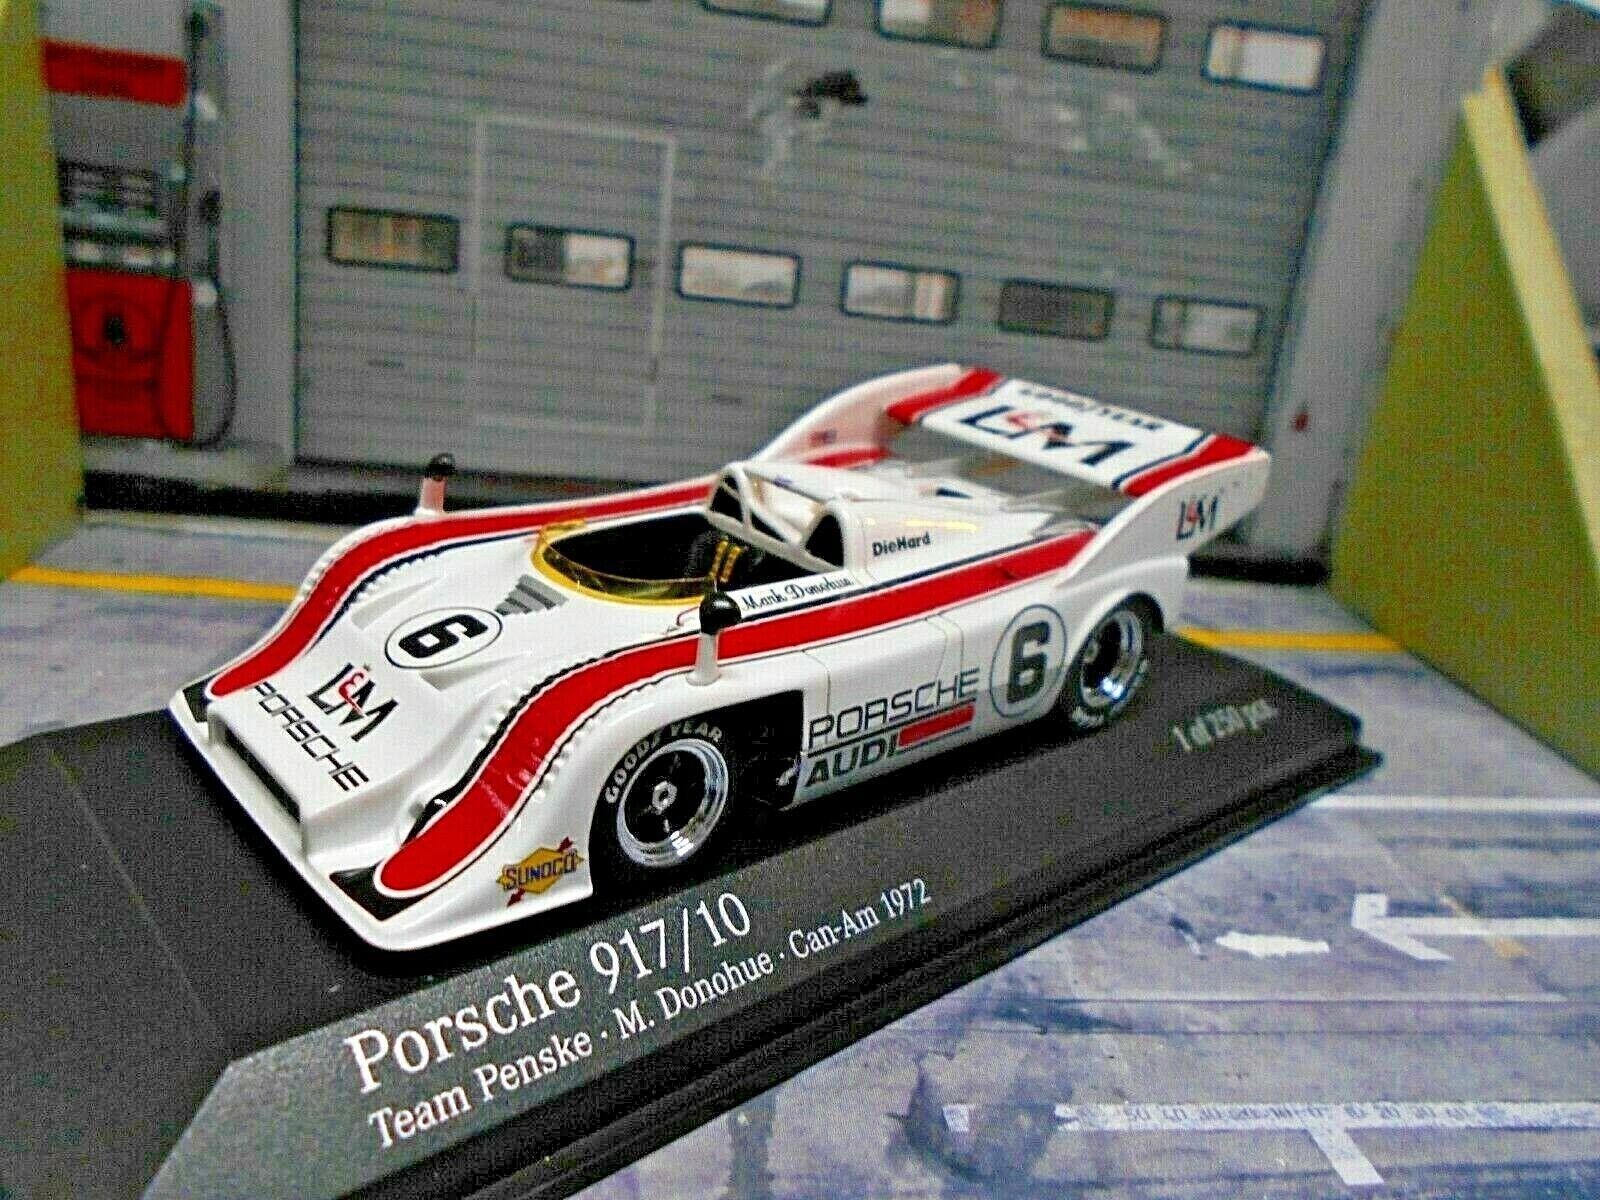 Porsche 917 10 917 TC Spyder CANAM 1972  6 Donohue l&m Winner MINICHAMPS 1 43